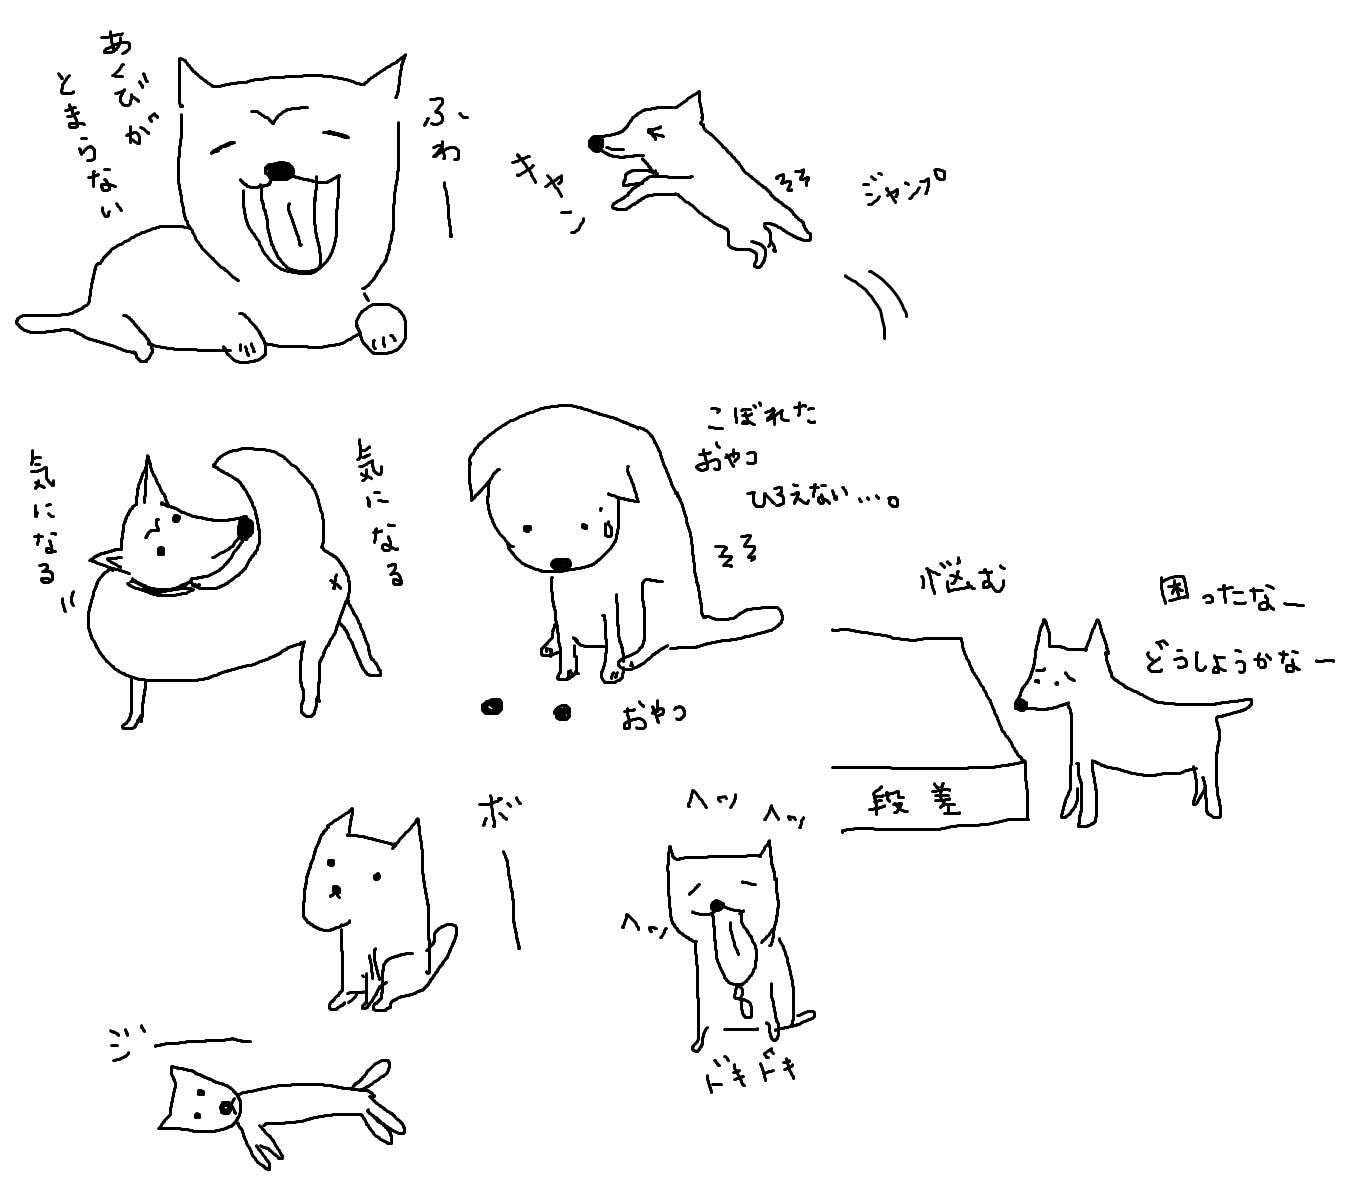 柴犬さくら6歳、腰痛(軽度のヘルニア)と診断される